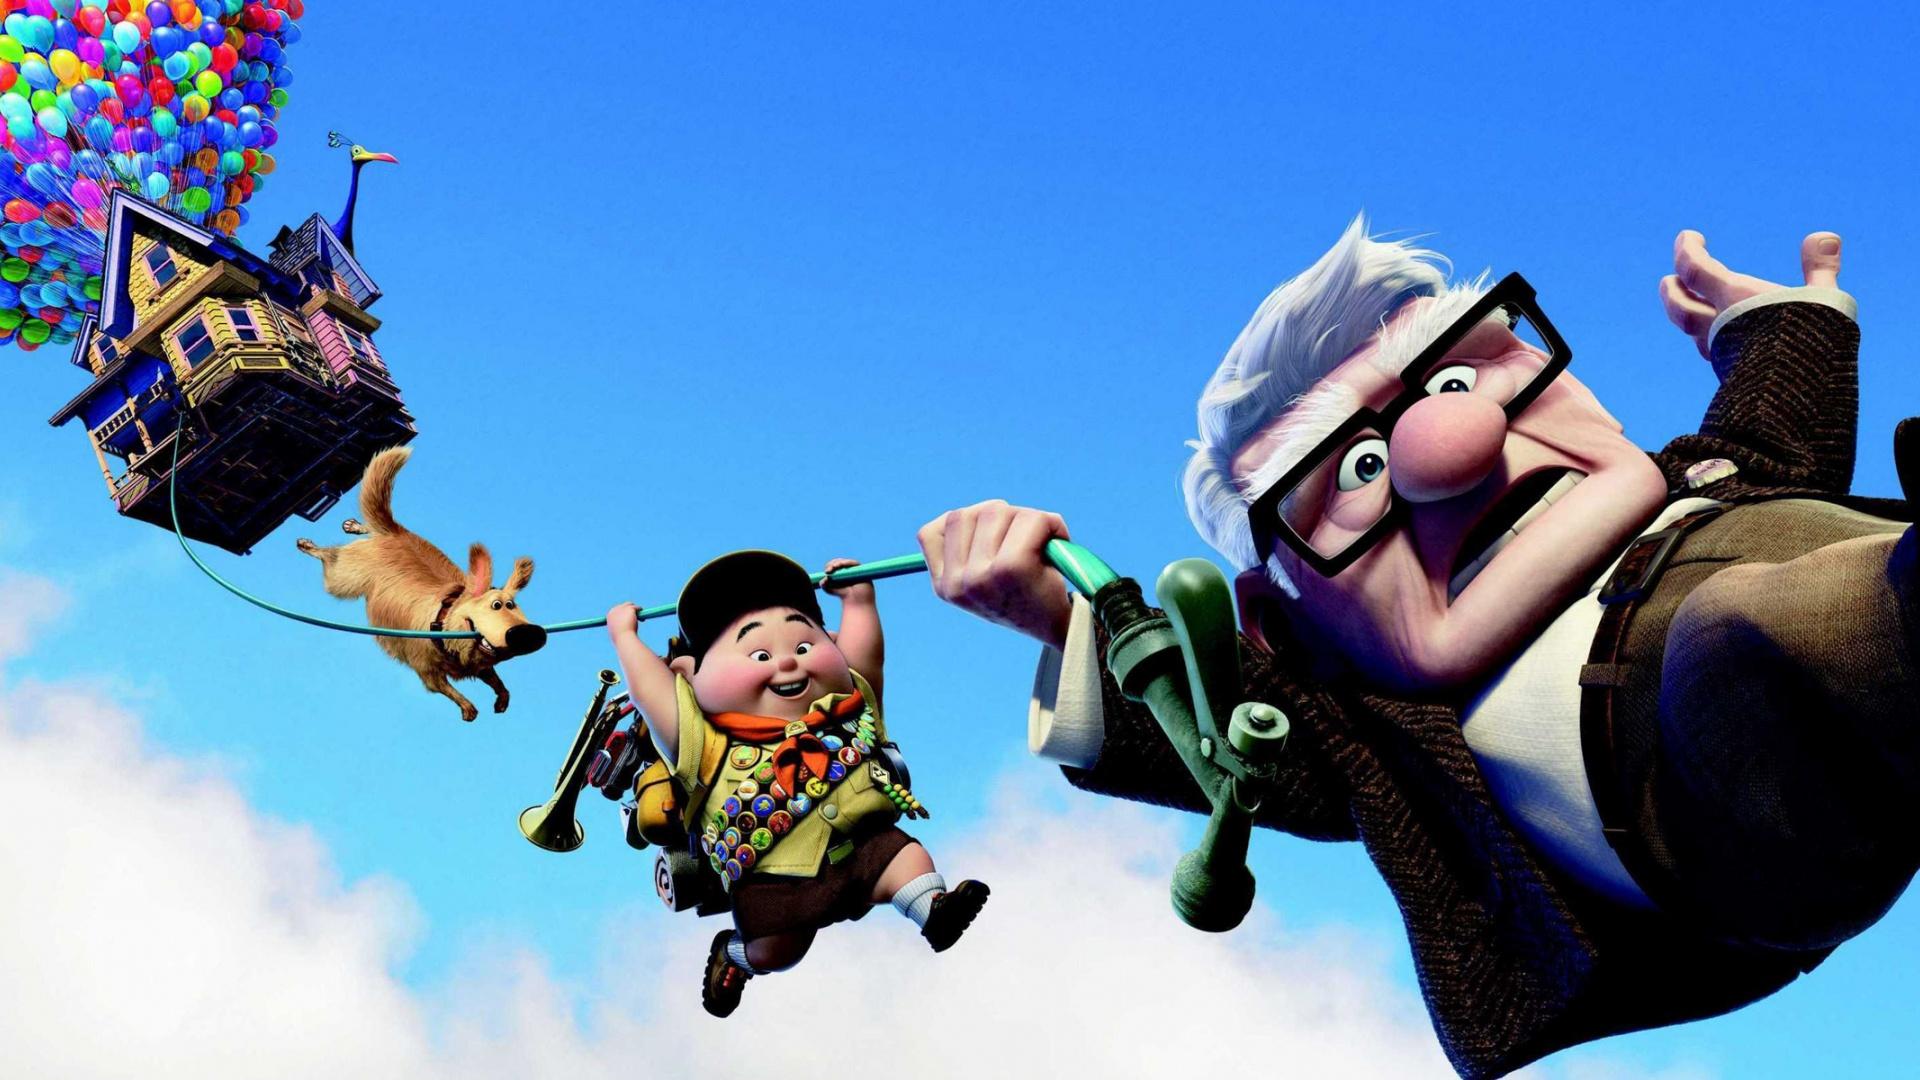 Disney Pixar Up Wallpaper Backgrounds Desktop Wallpapers 1920x1080